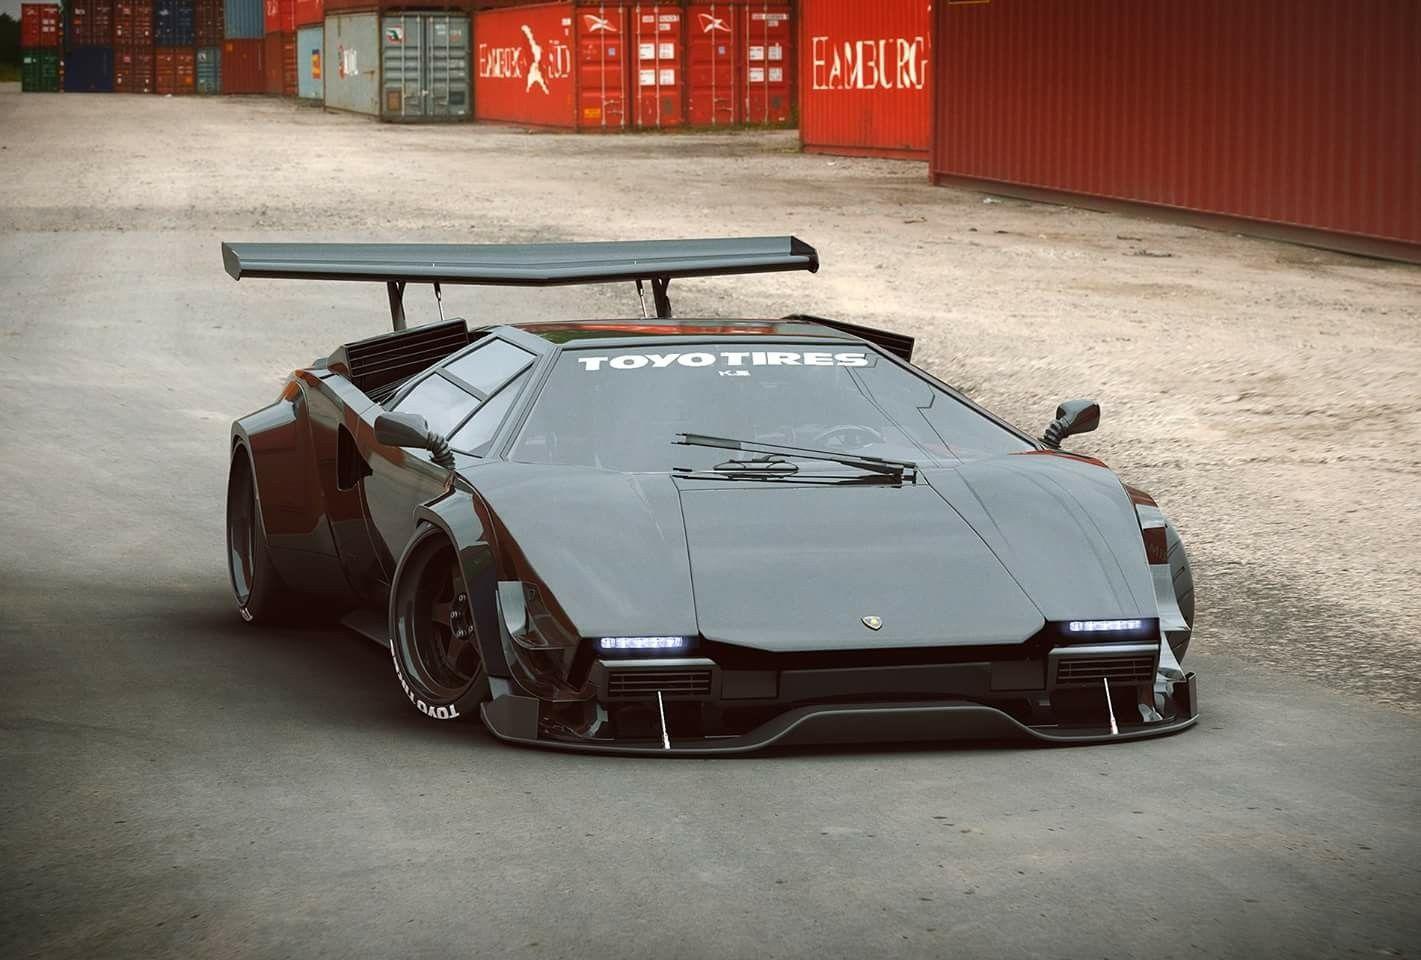 Lamborghini Countach Concept Super Cars Lamborghini Countach Lamborghini